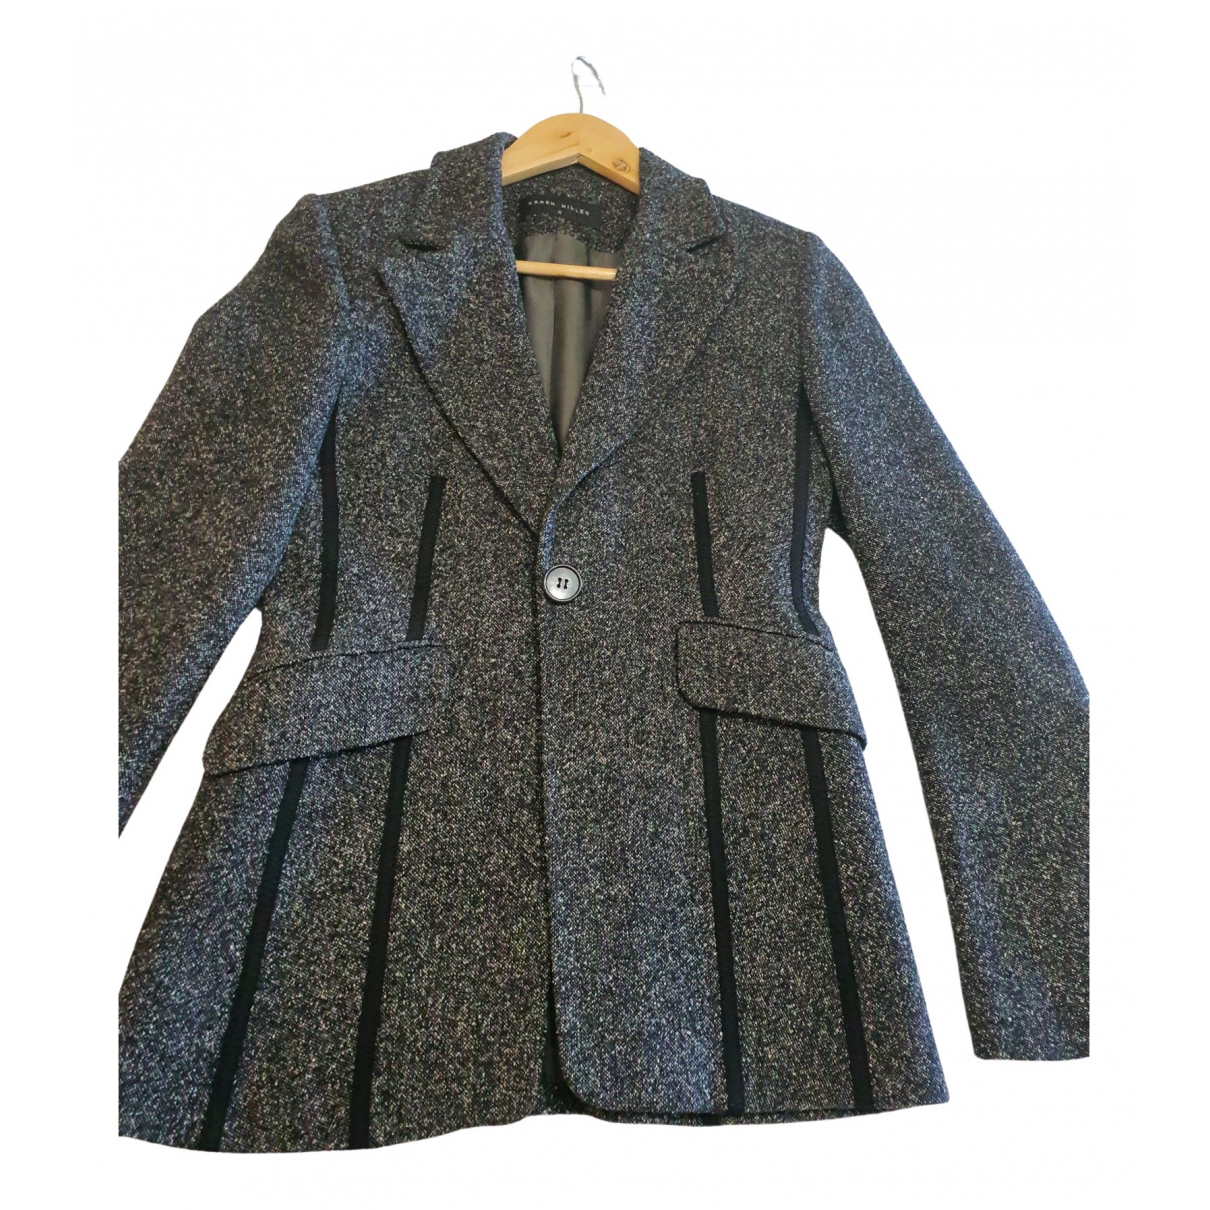 Karen Millen \N Wool jacket for Women 10 UK